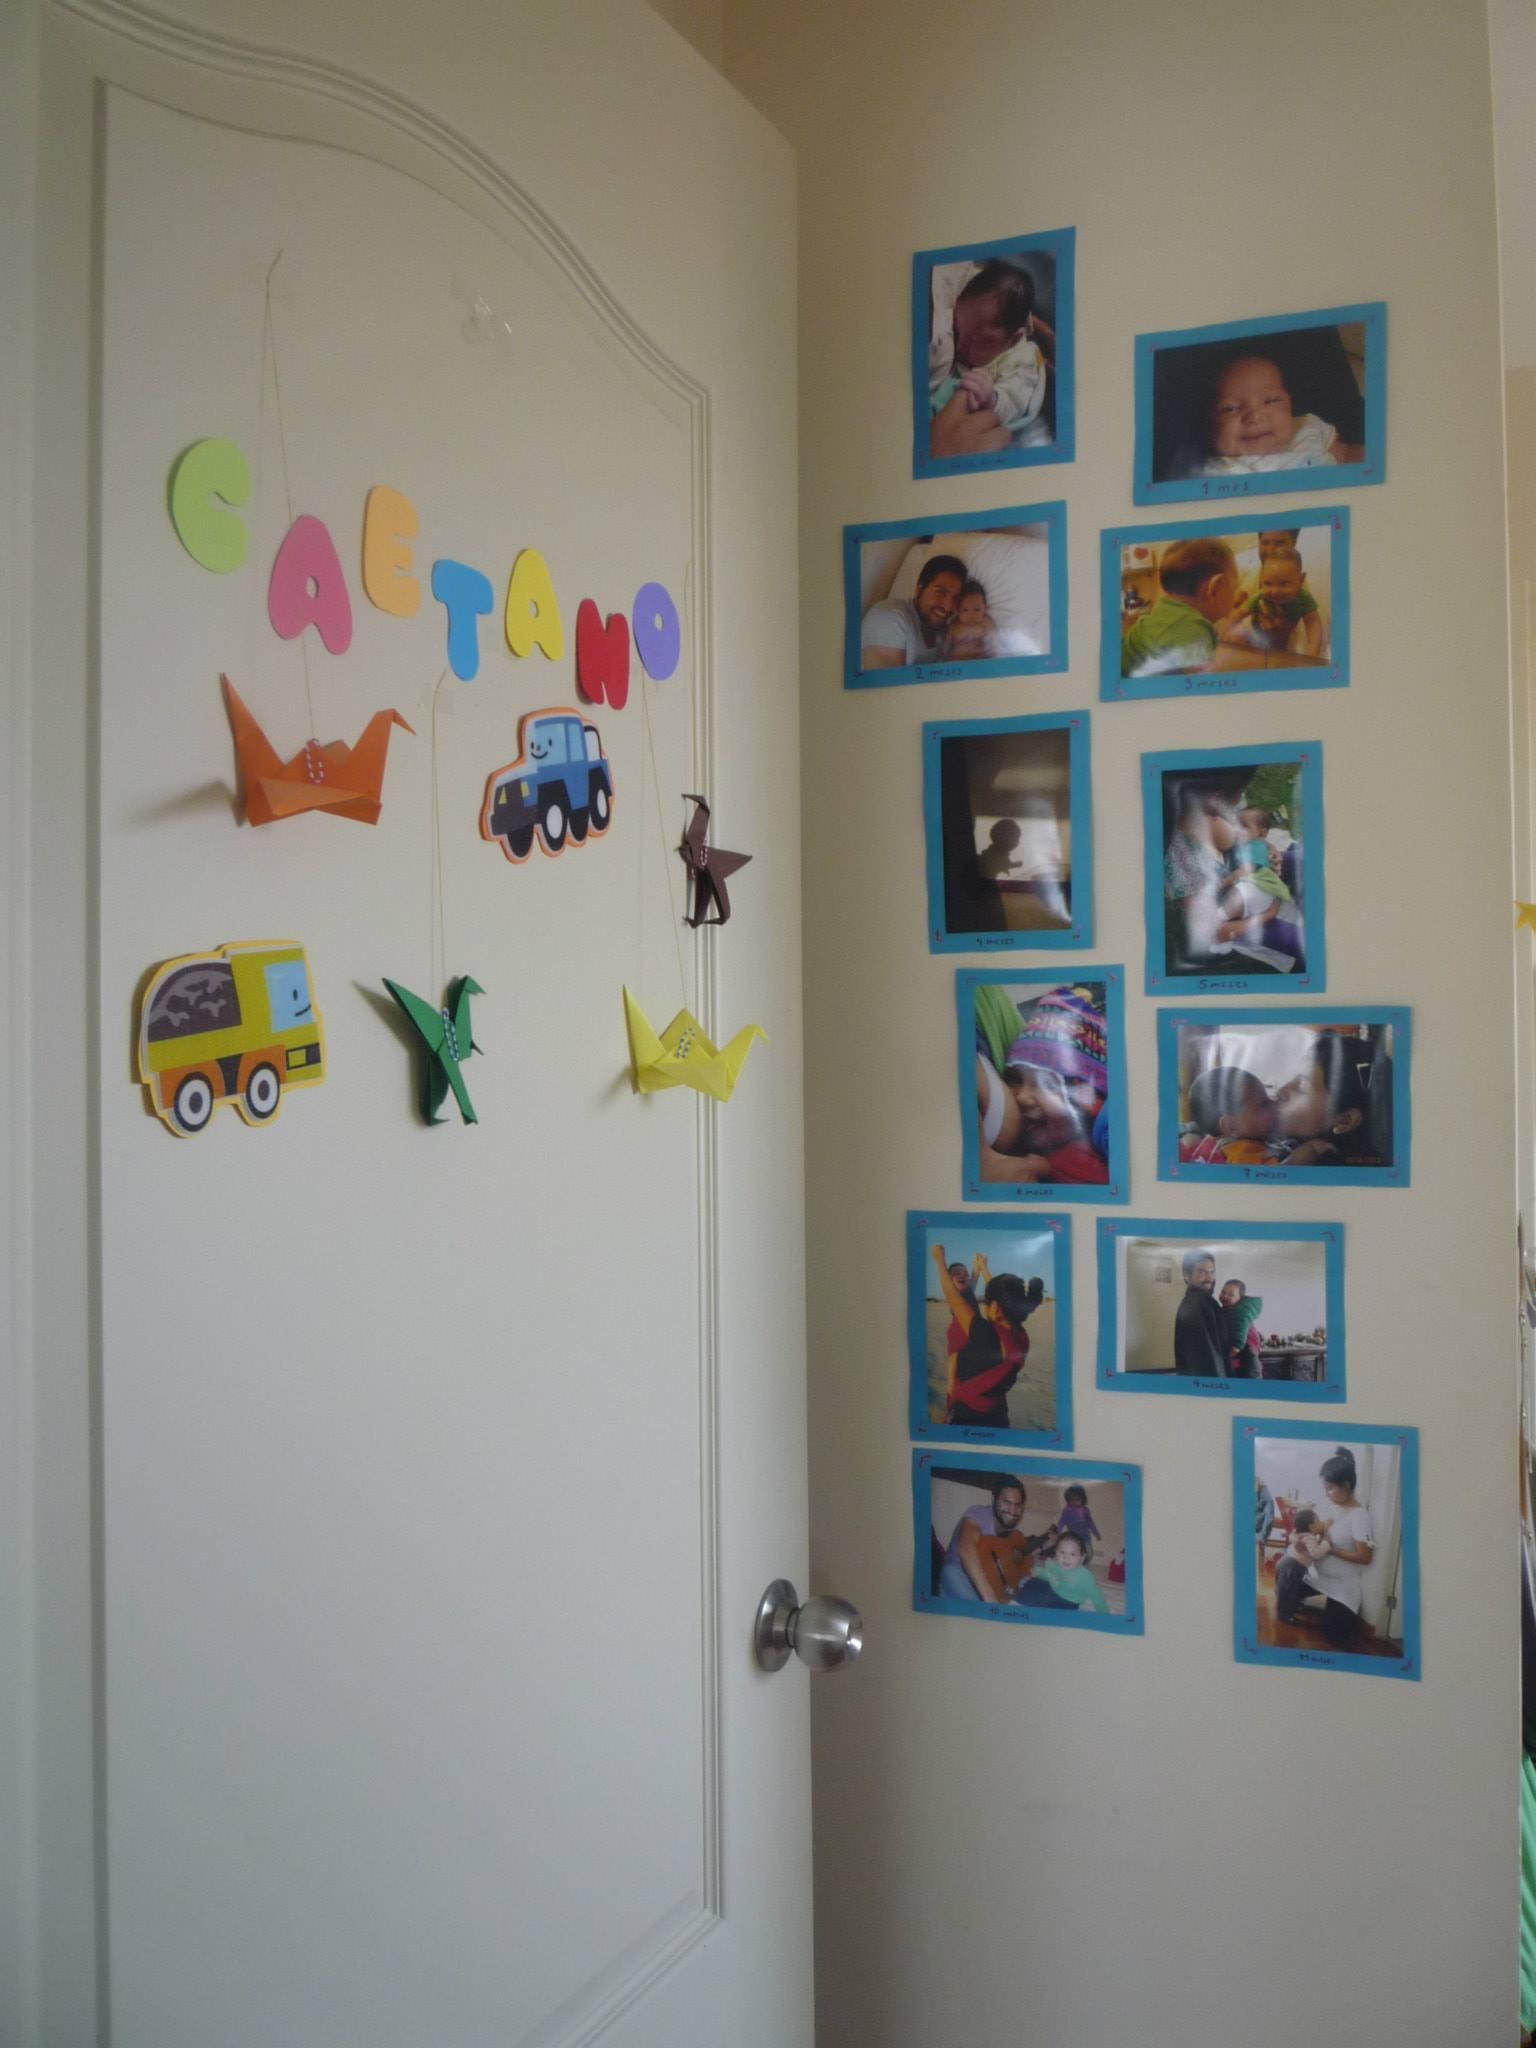 Celebrar el cumplea os de los peques decora con fotos la for Cuarto adornado para cumpleanos